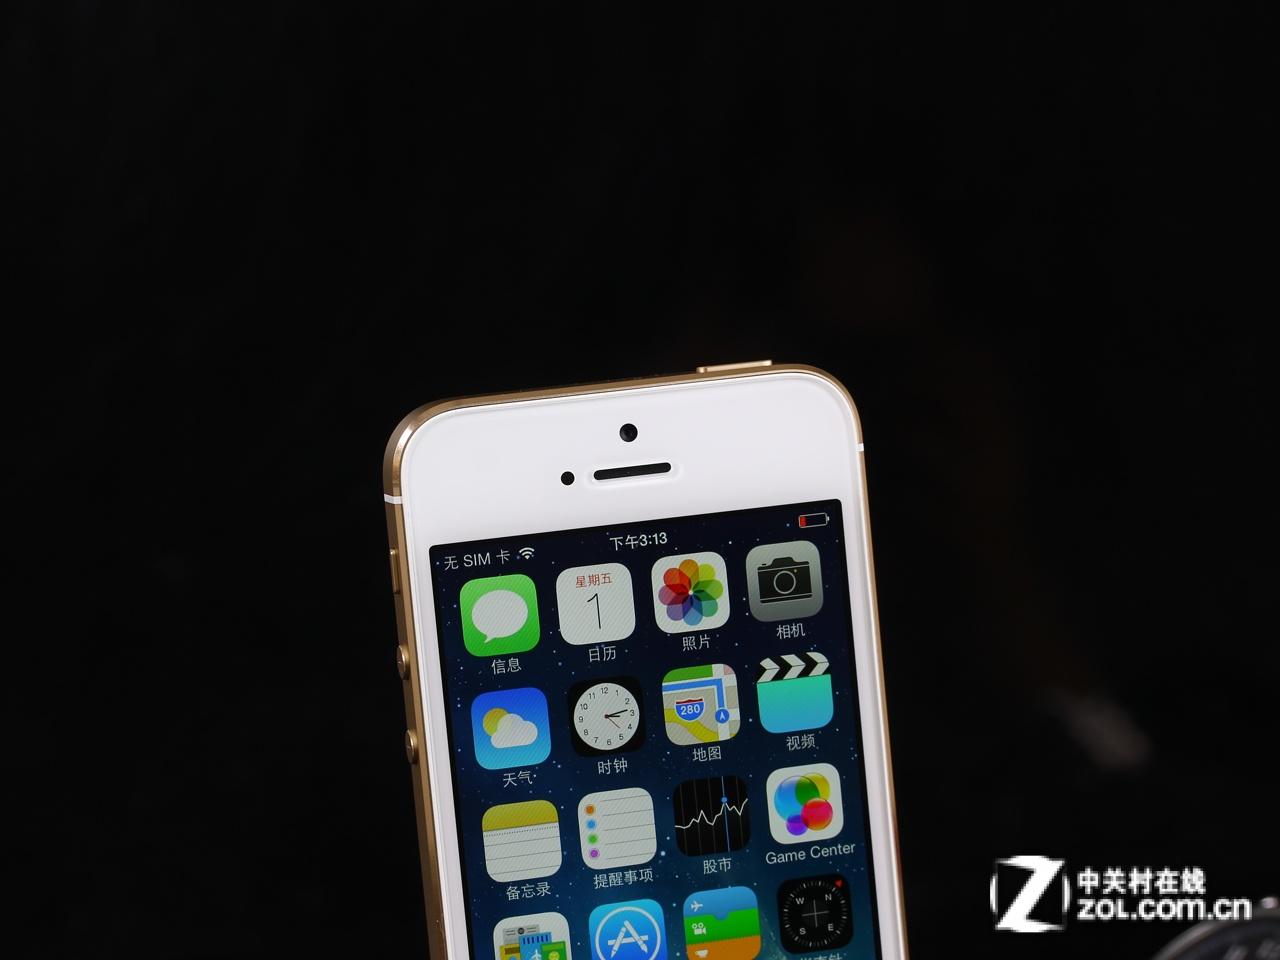 バンパー iphone7 | iphone7 次